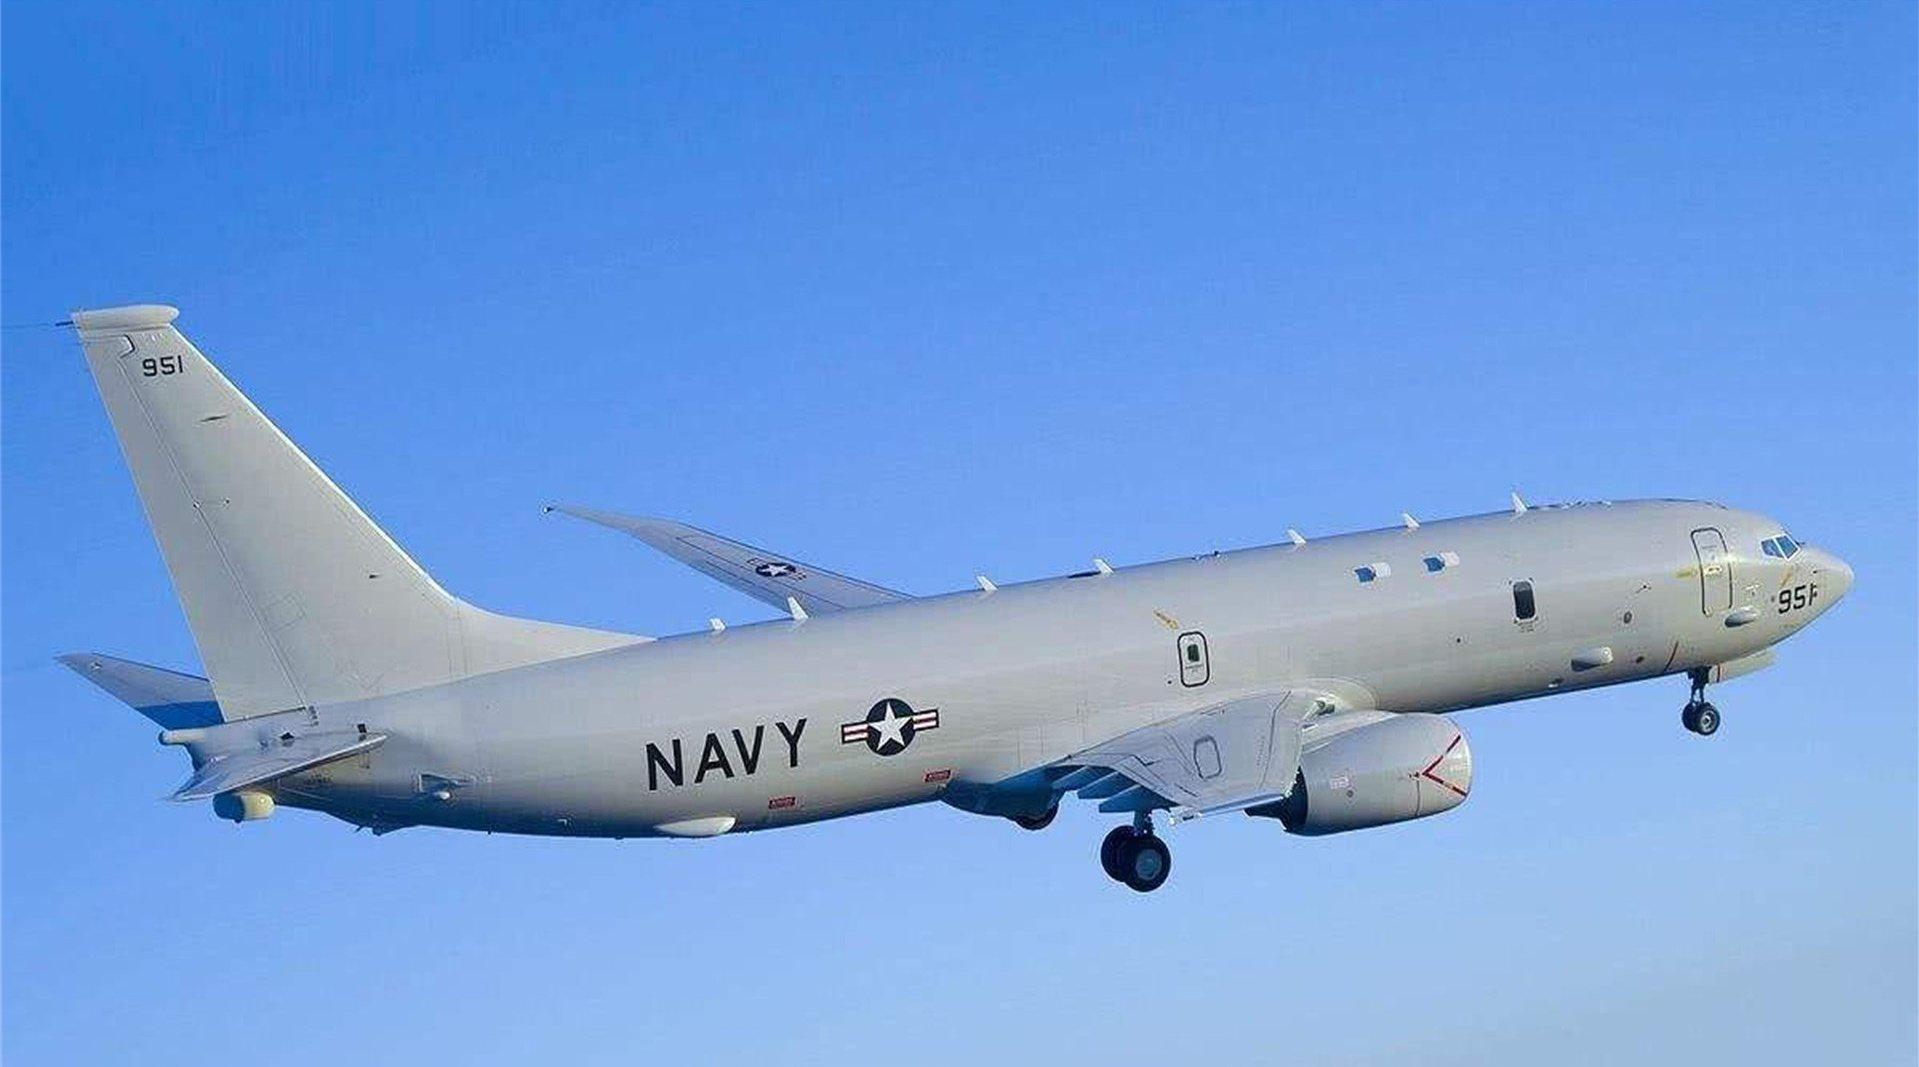 美军飞机硬闯伊朗禁飞区,这是开战前试探?